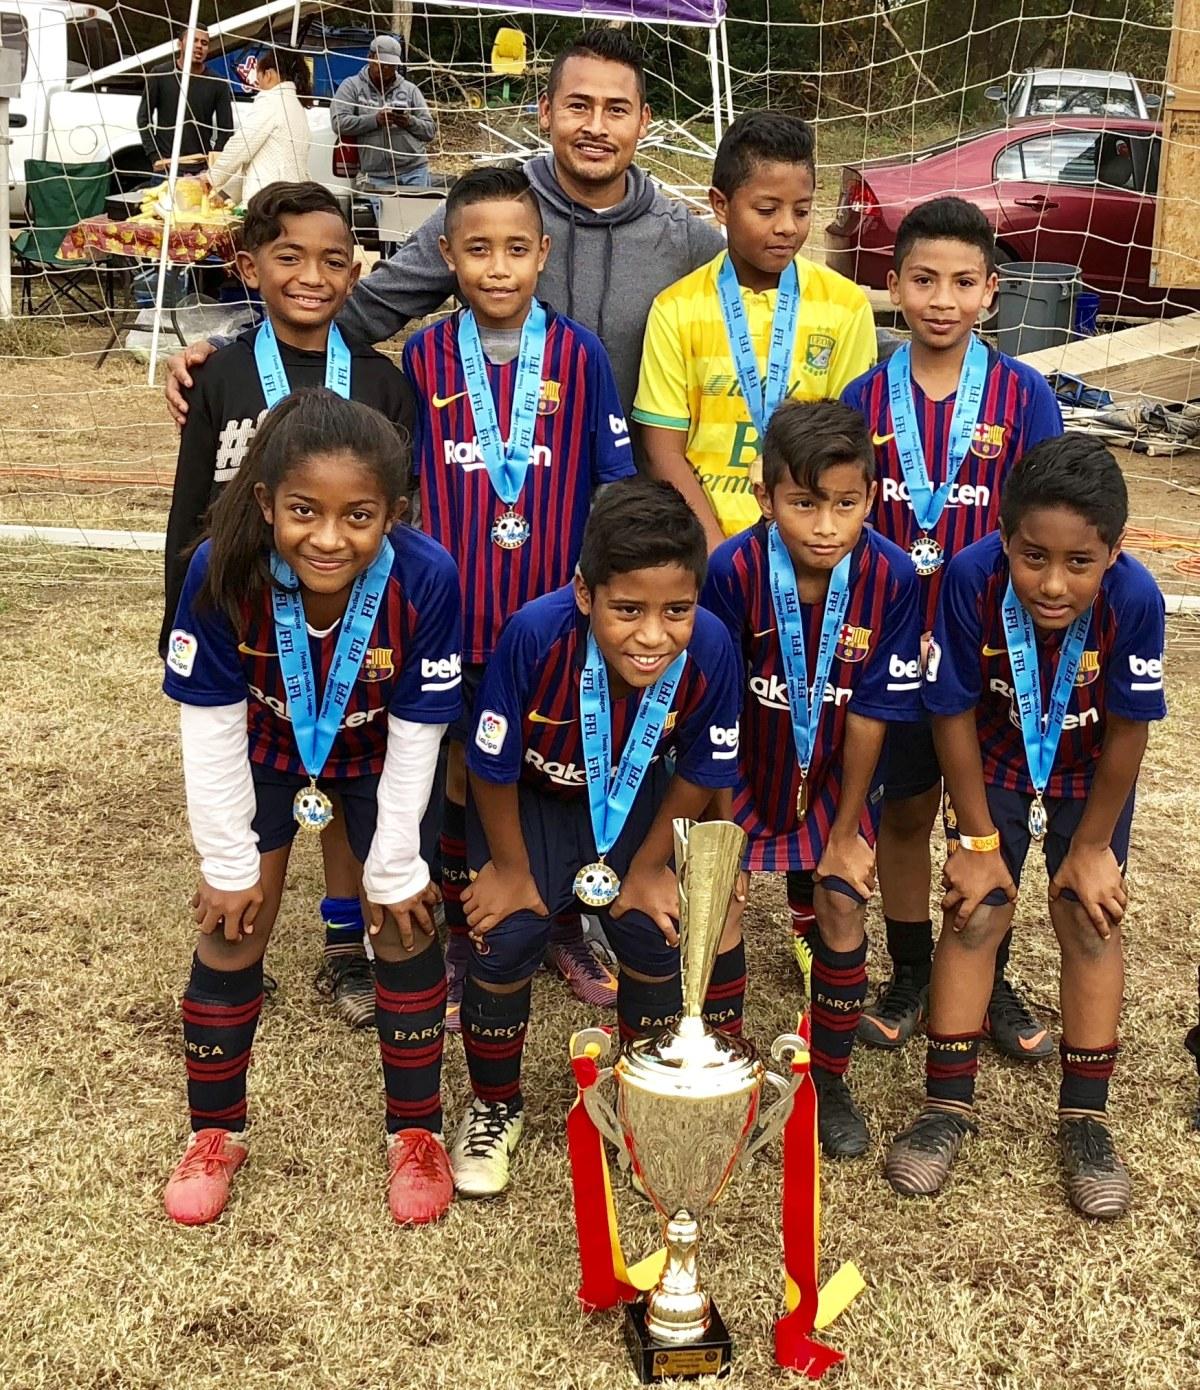 Foto del equipo Sub-campeón: Barcelona